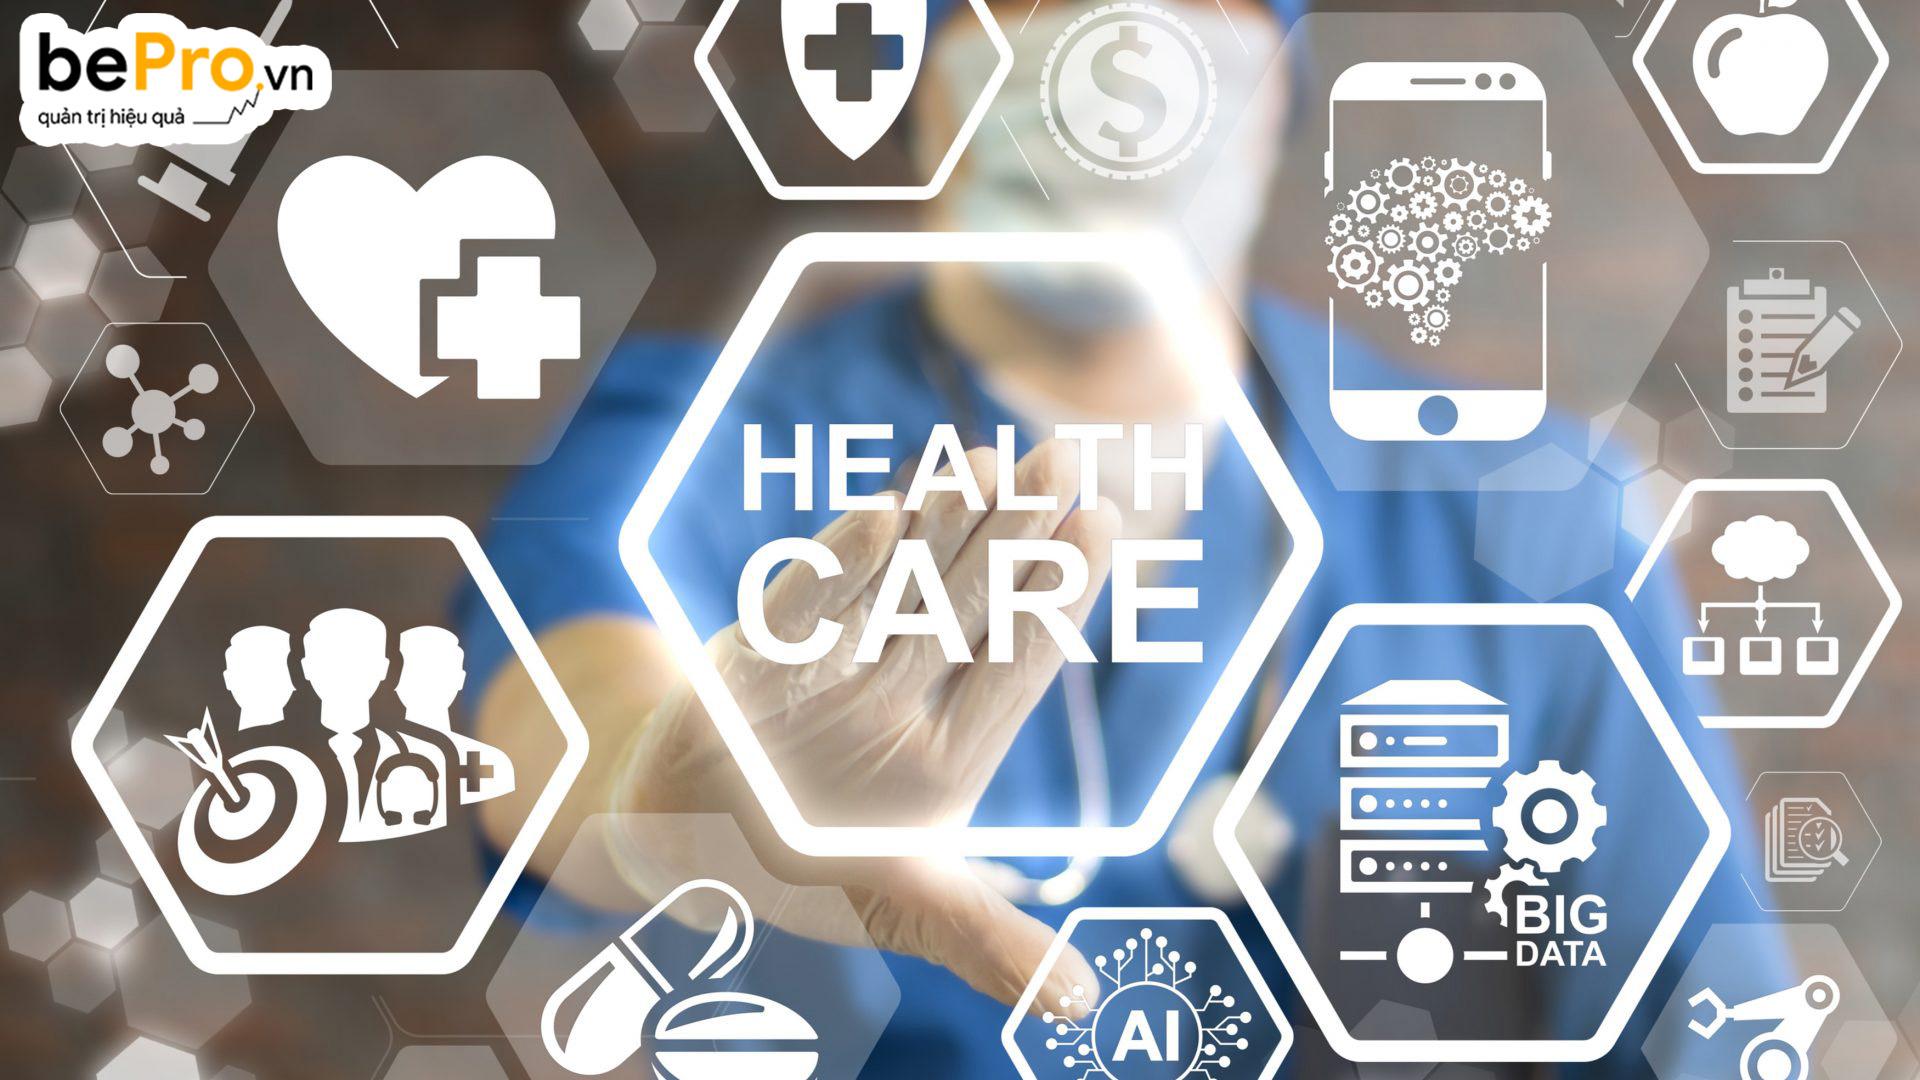 Bảo hiểm y tế hộ gia đình và các quyền lợi của người tham gia